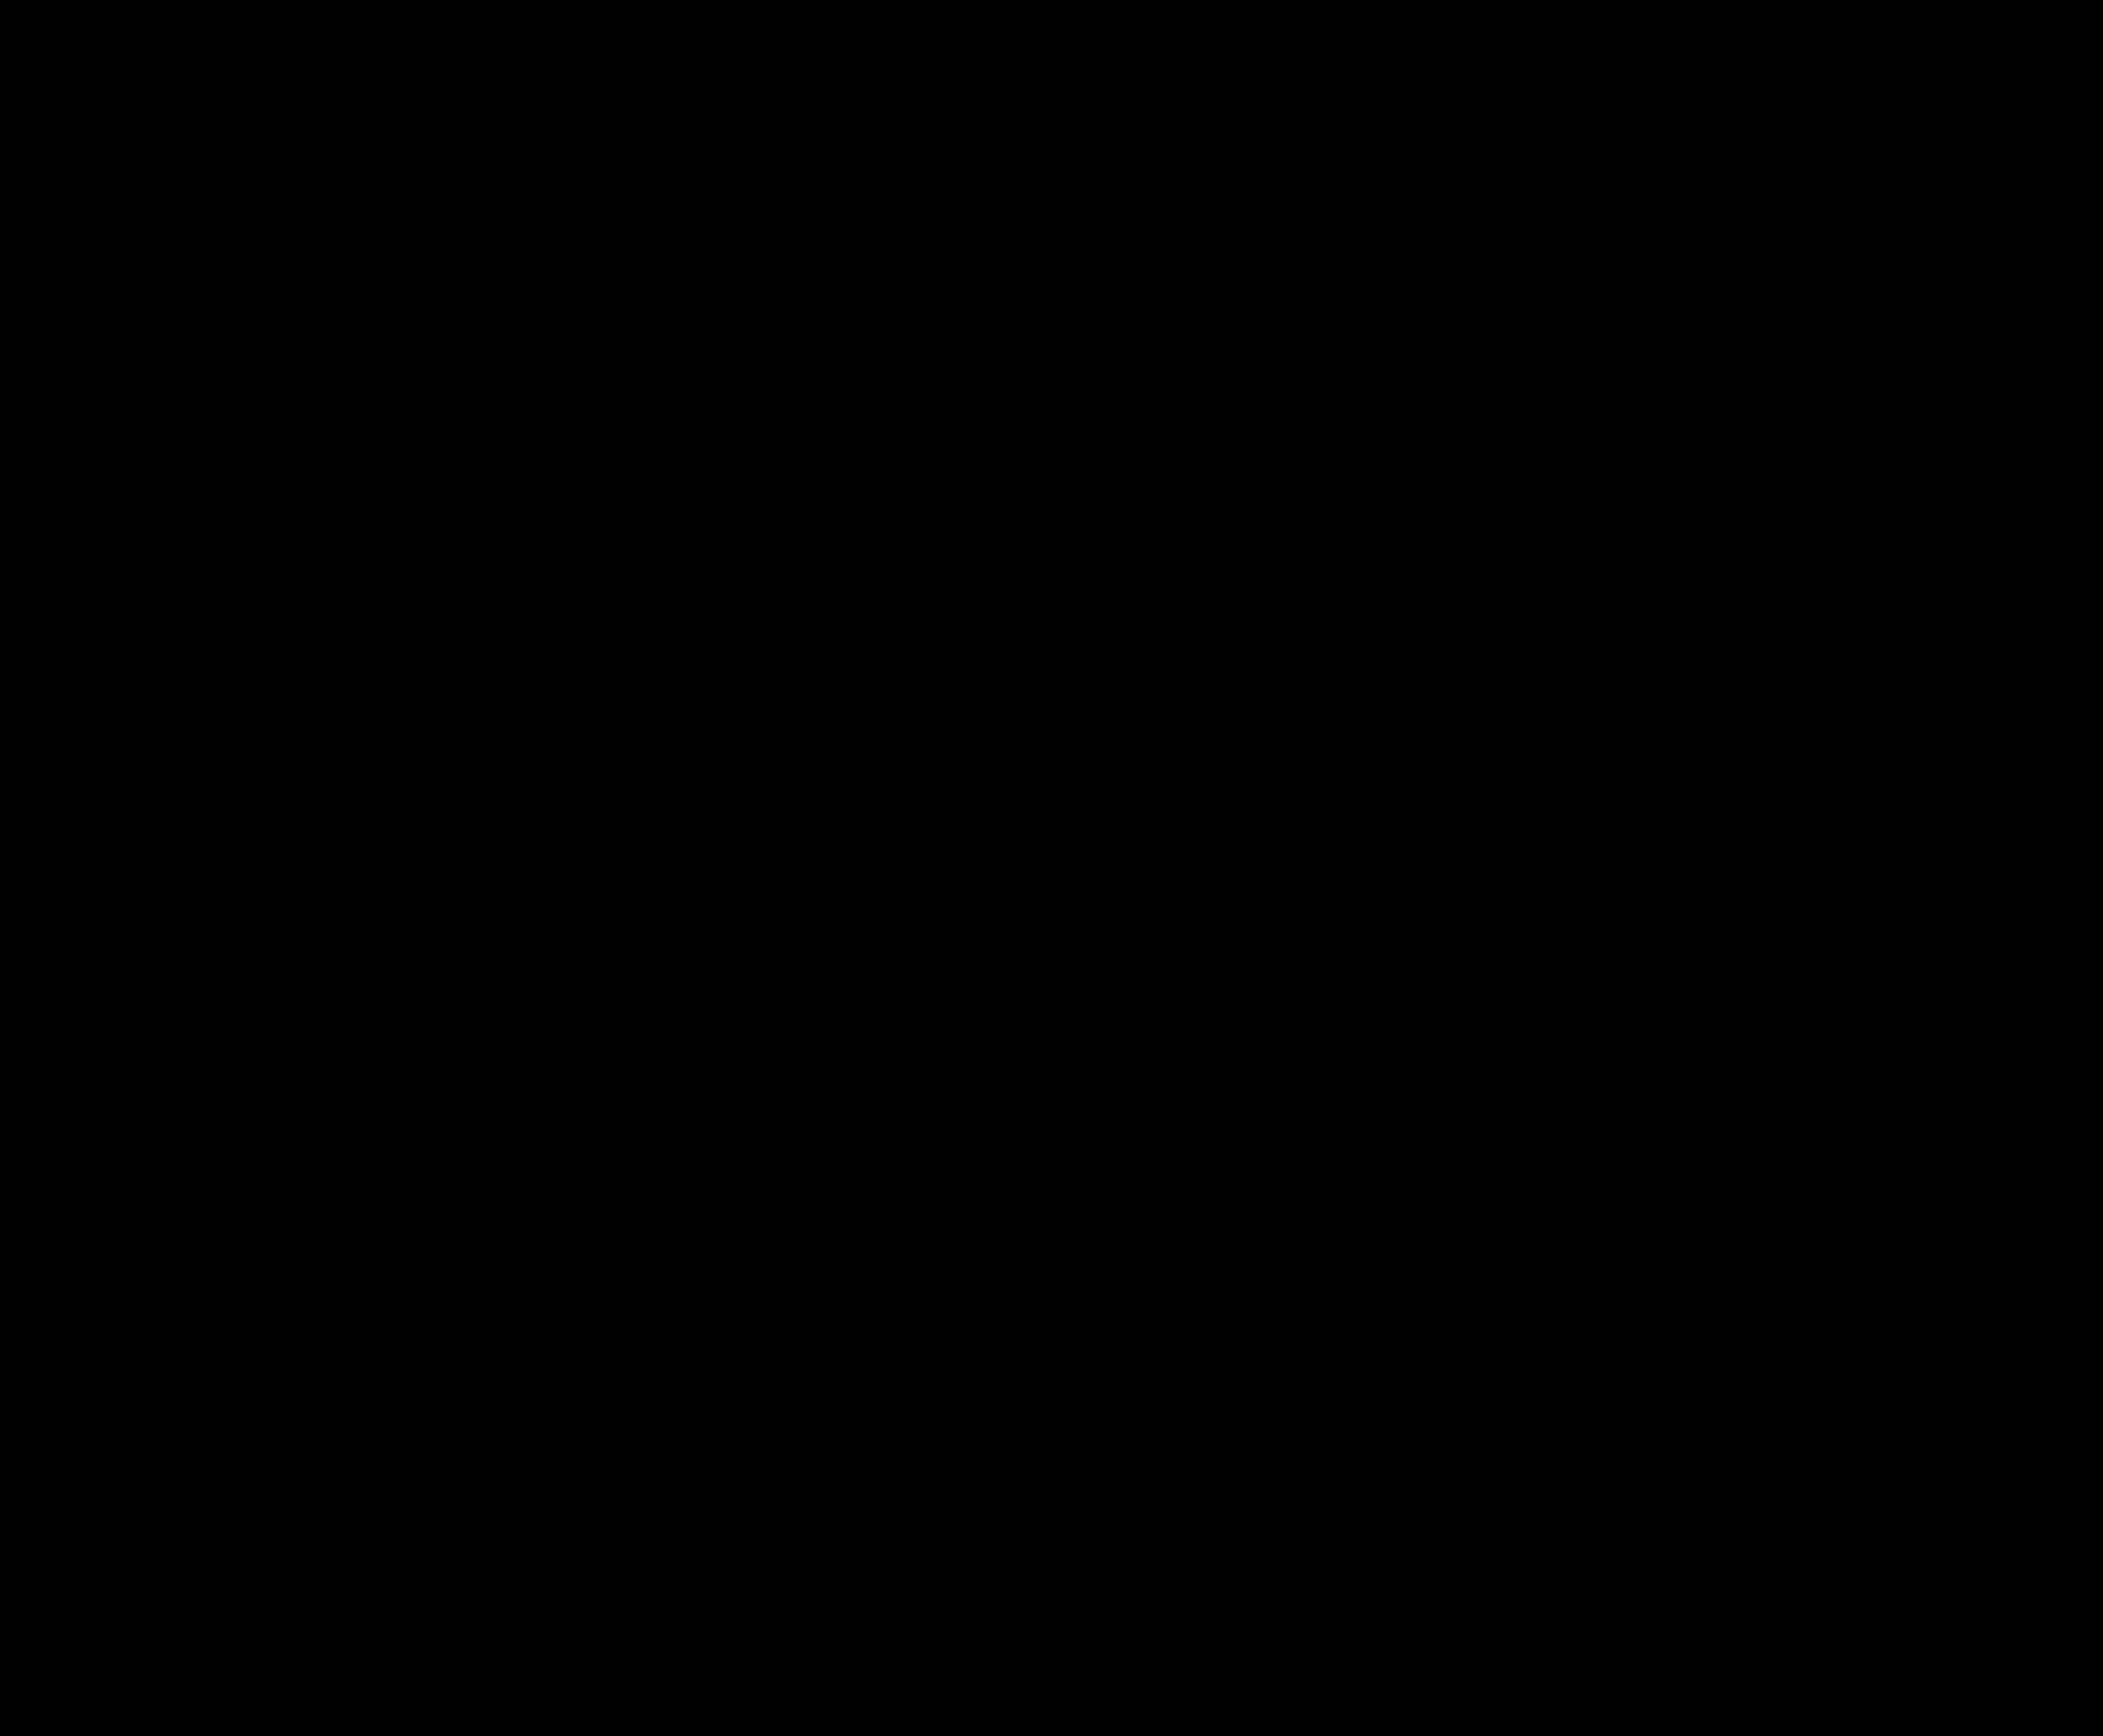 dc logo 1 - DC Shoes Logo